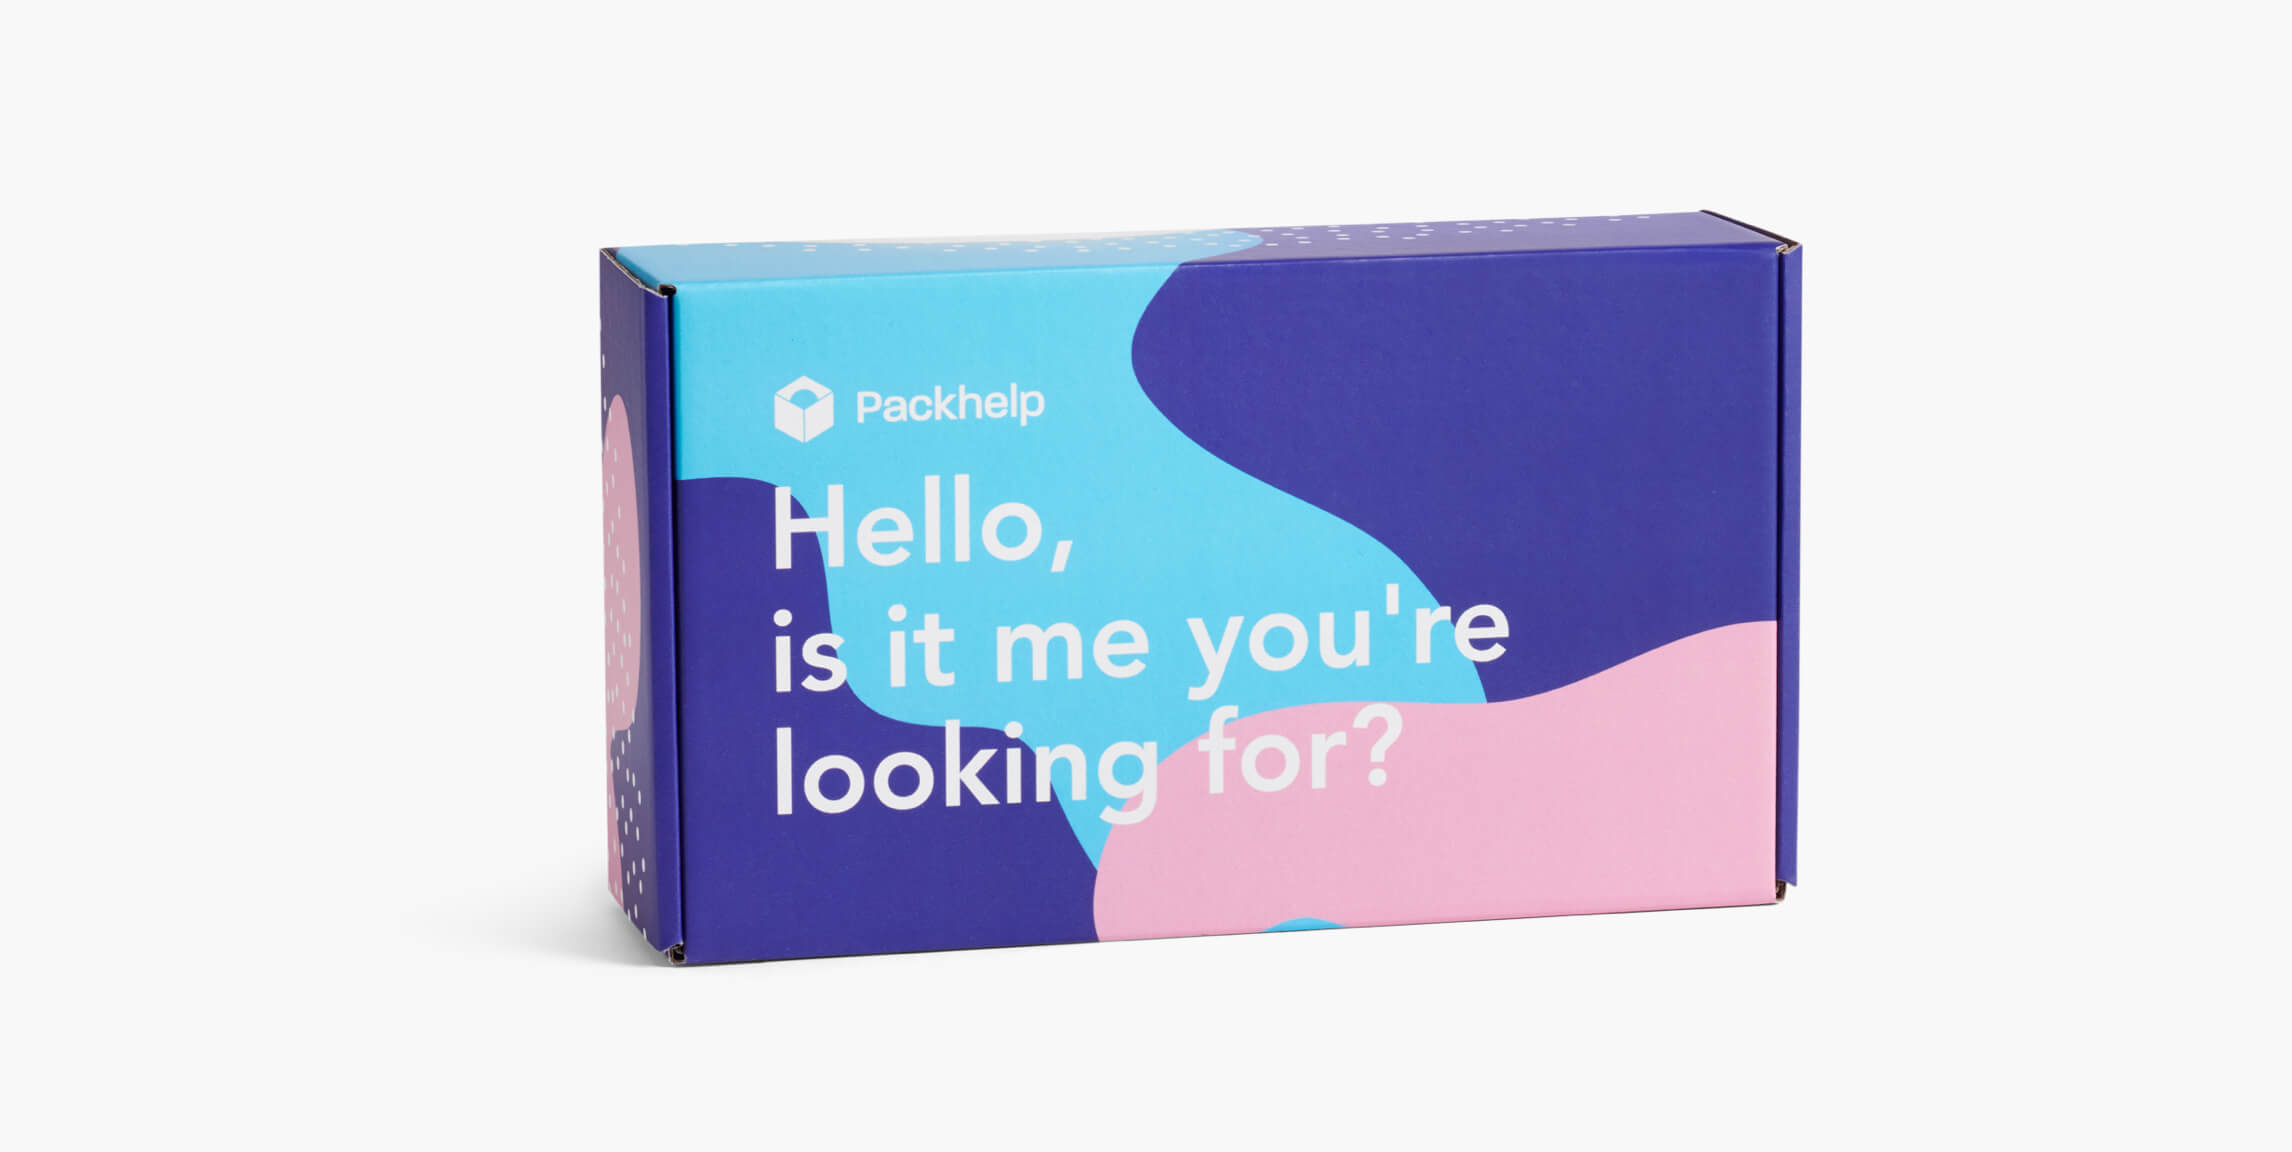 Plnobarevná poštovní krabice - vlastní balení - Packhelp